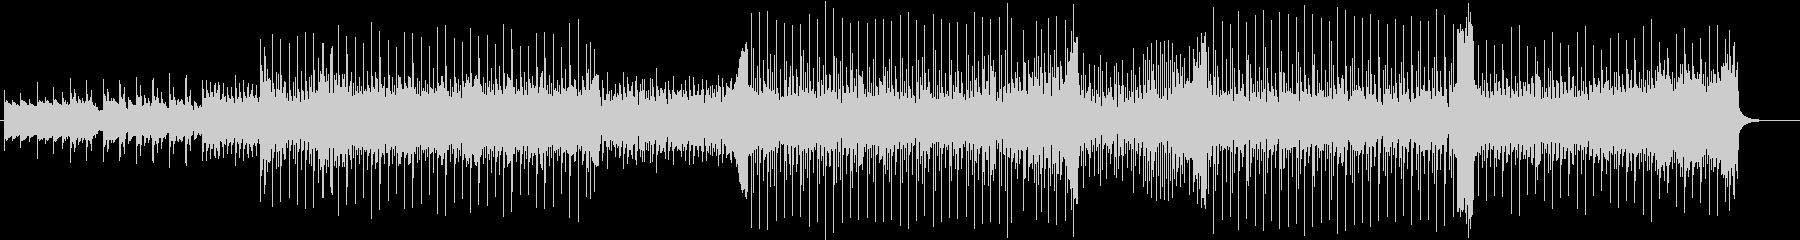 ピアノテクノポップ。の未再生の波形